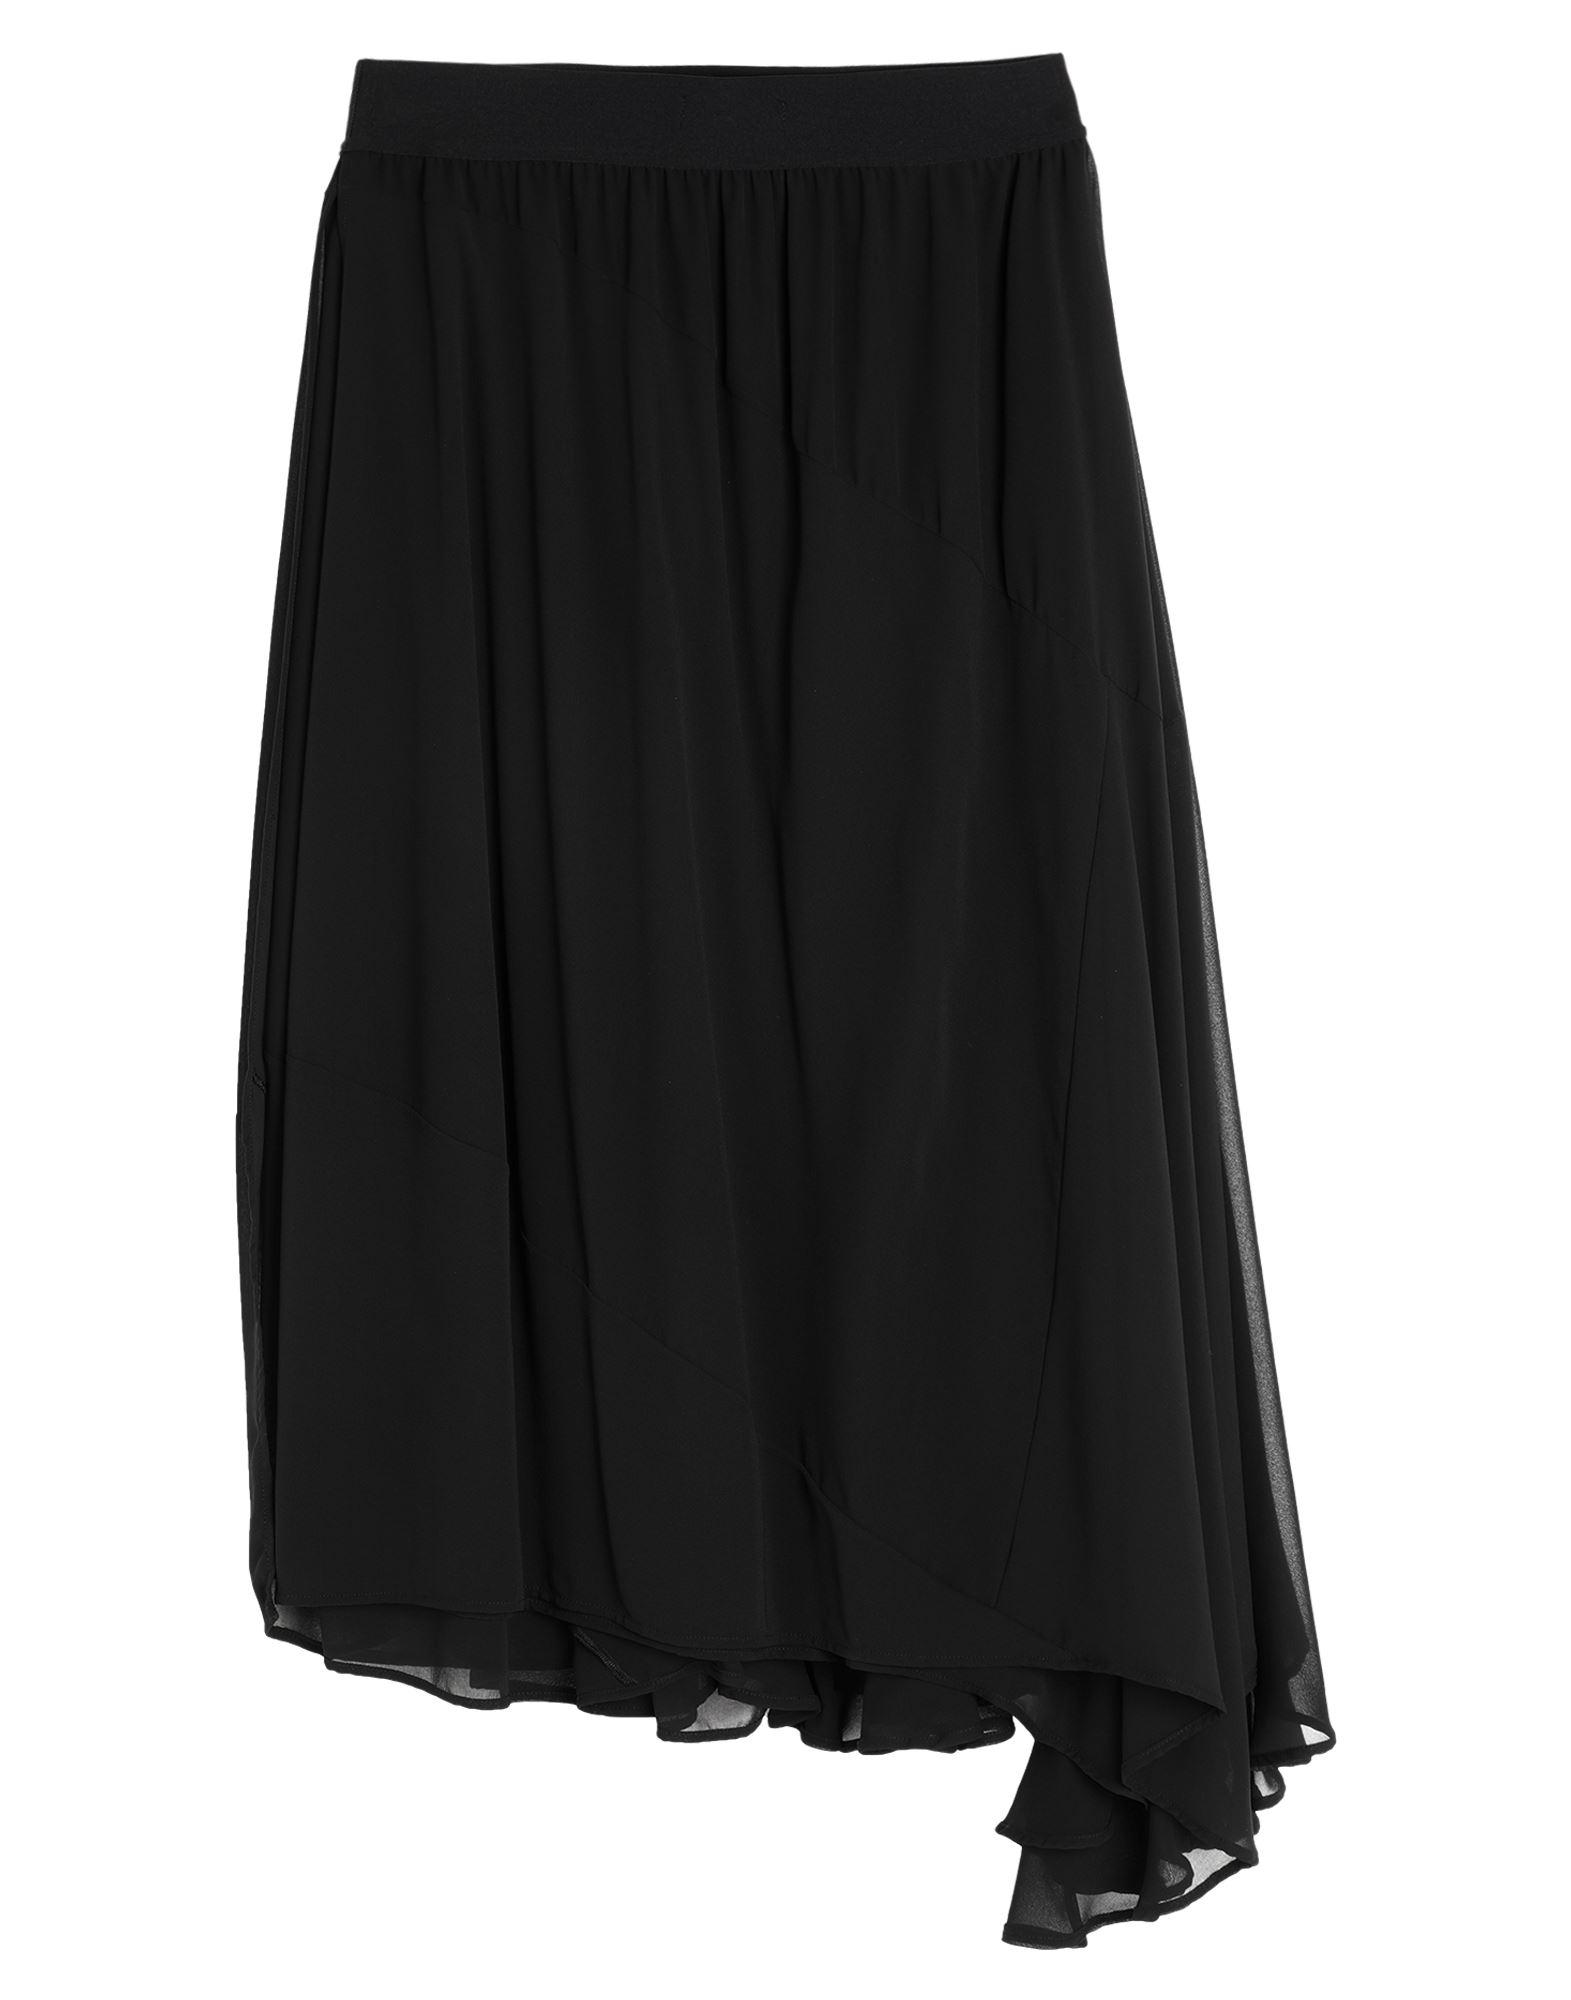 MARIA CALDERARA Юбка длиной 3/4 maria calderara свитер